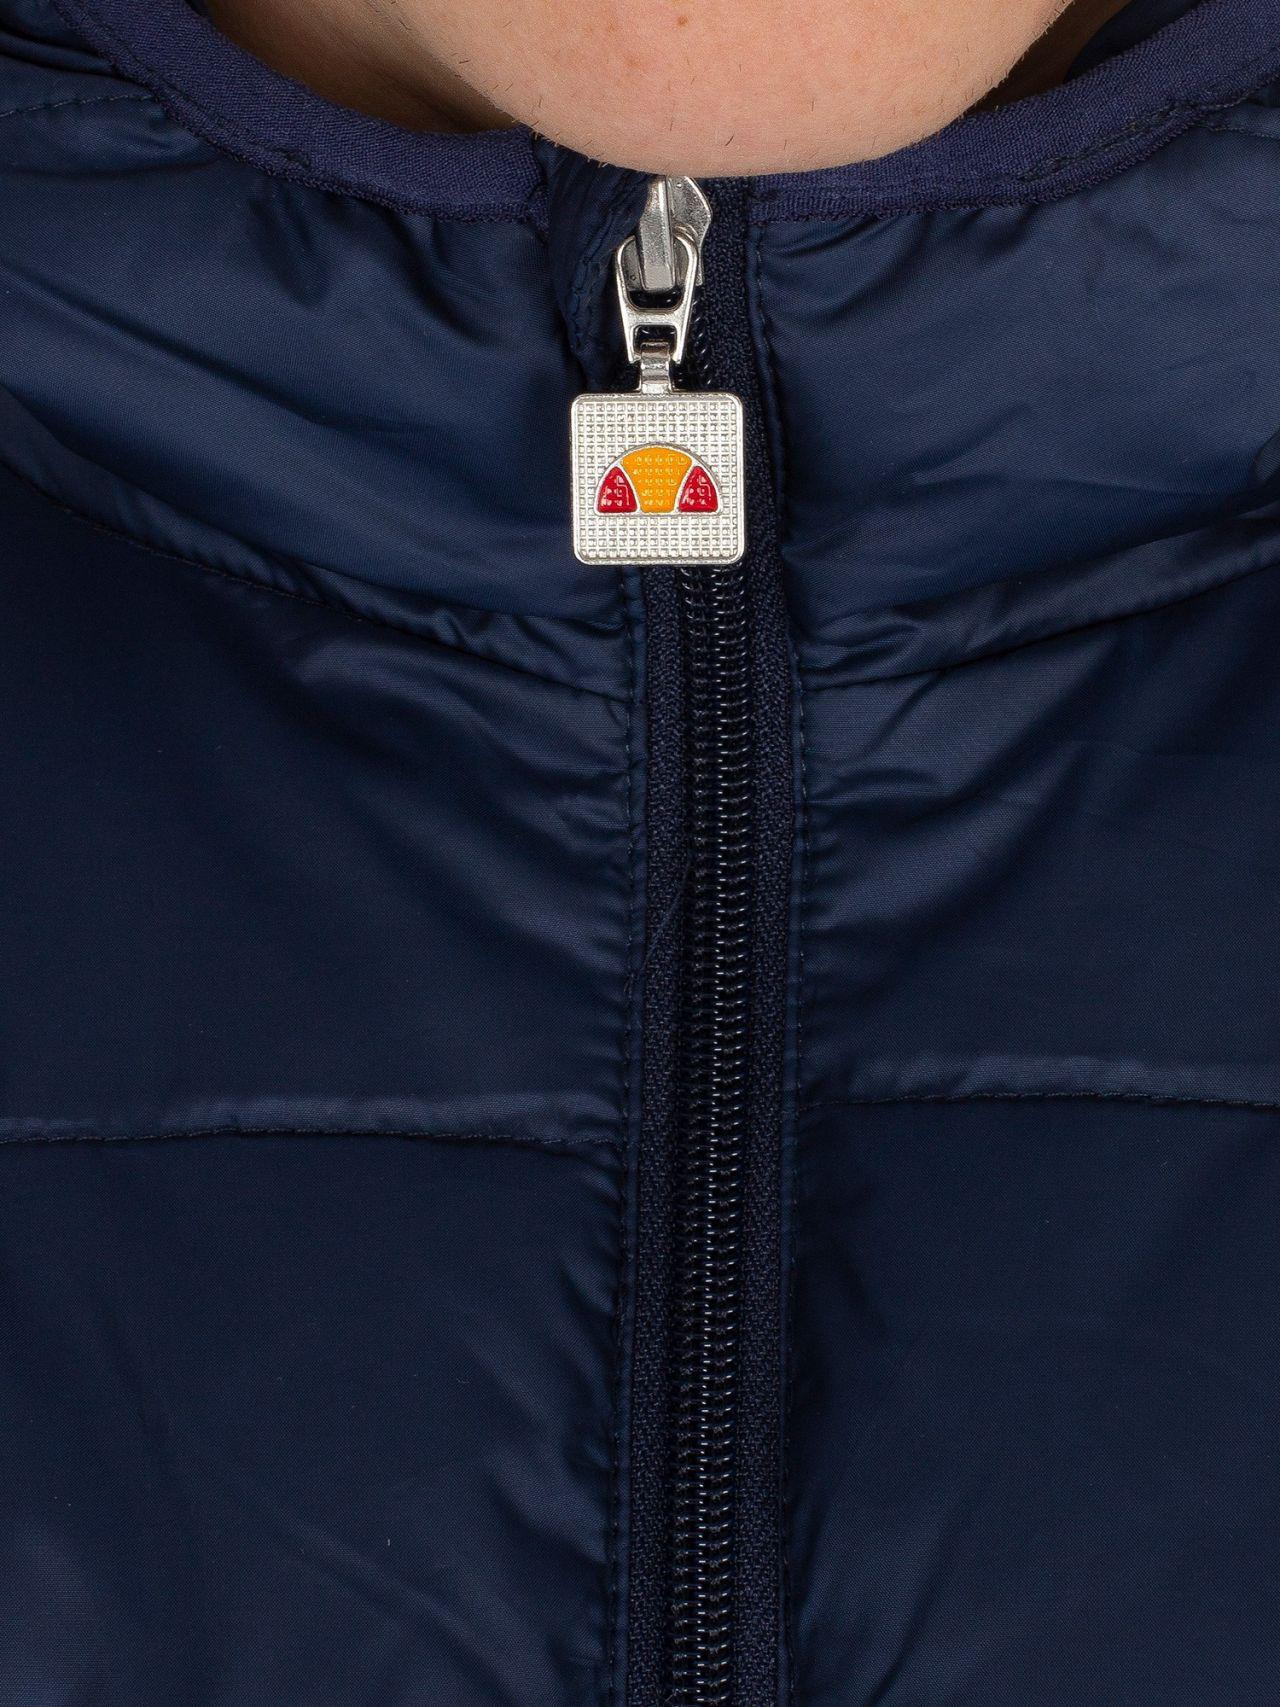 Ellesse Jacket Corvara Mens casual Padded Full Zip Navy Blue